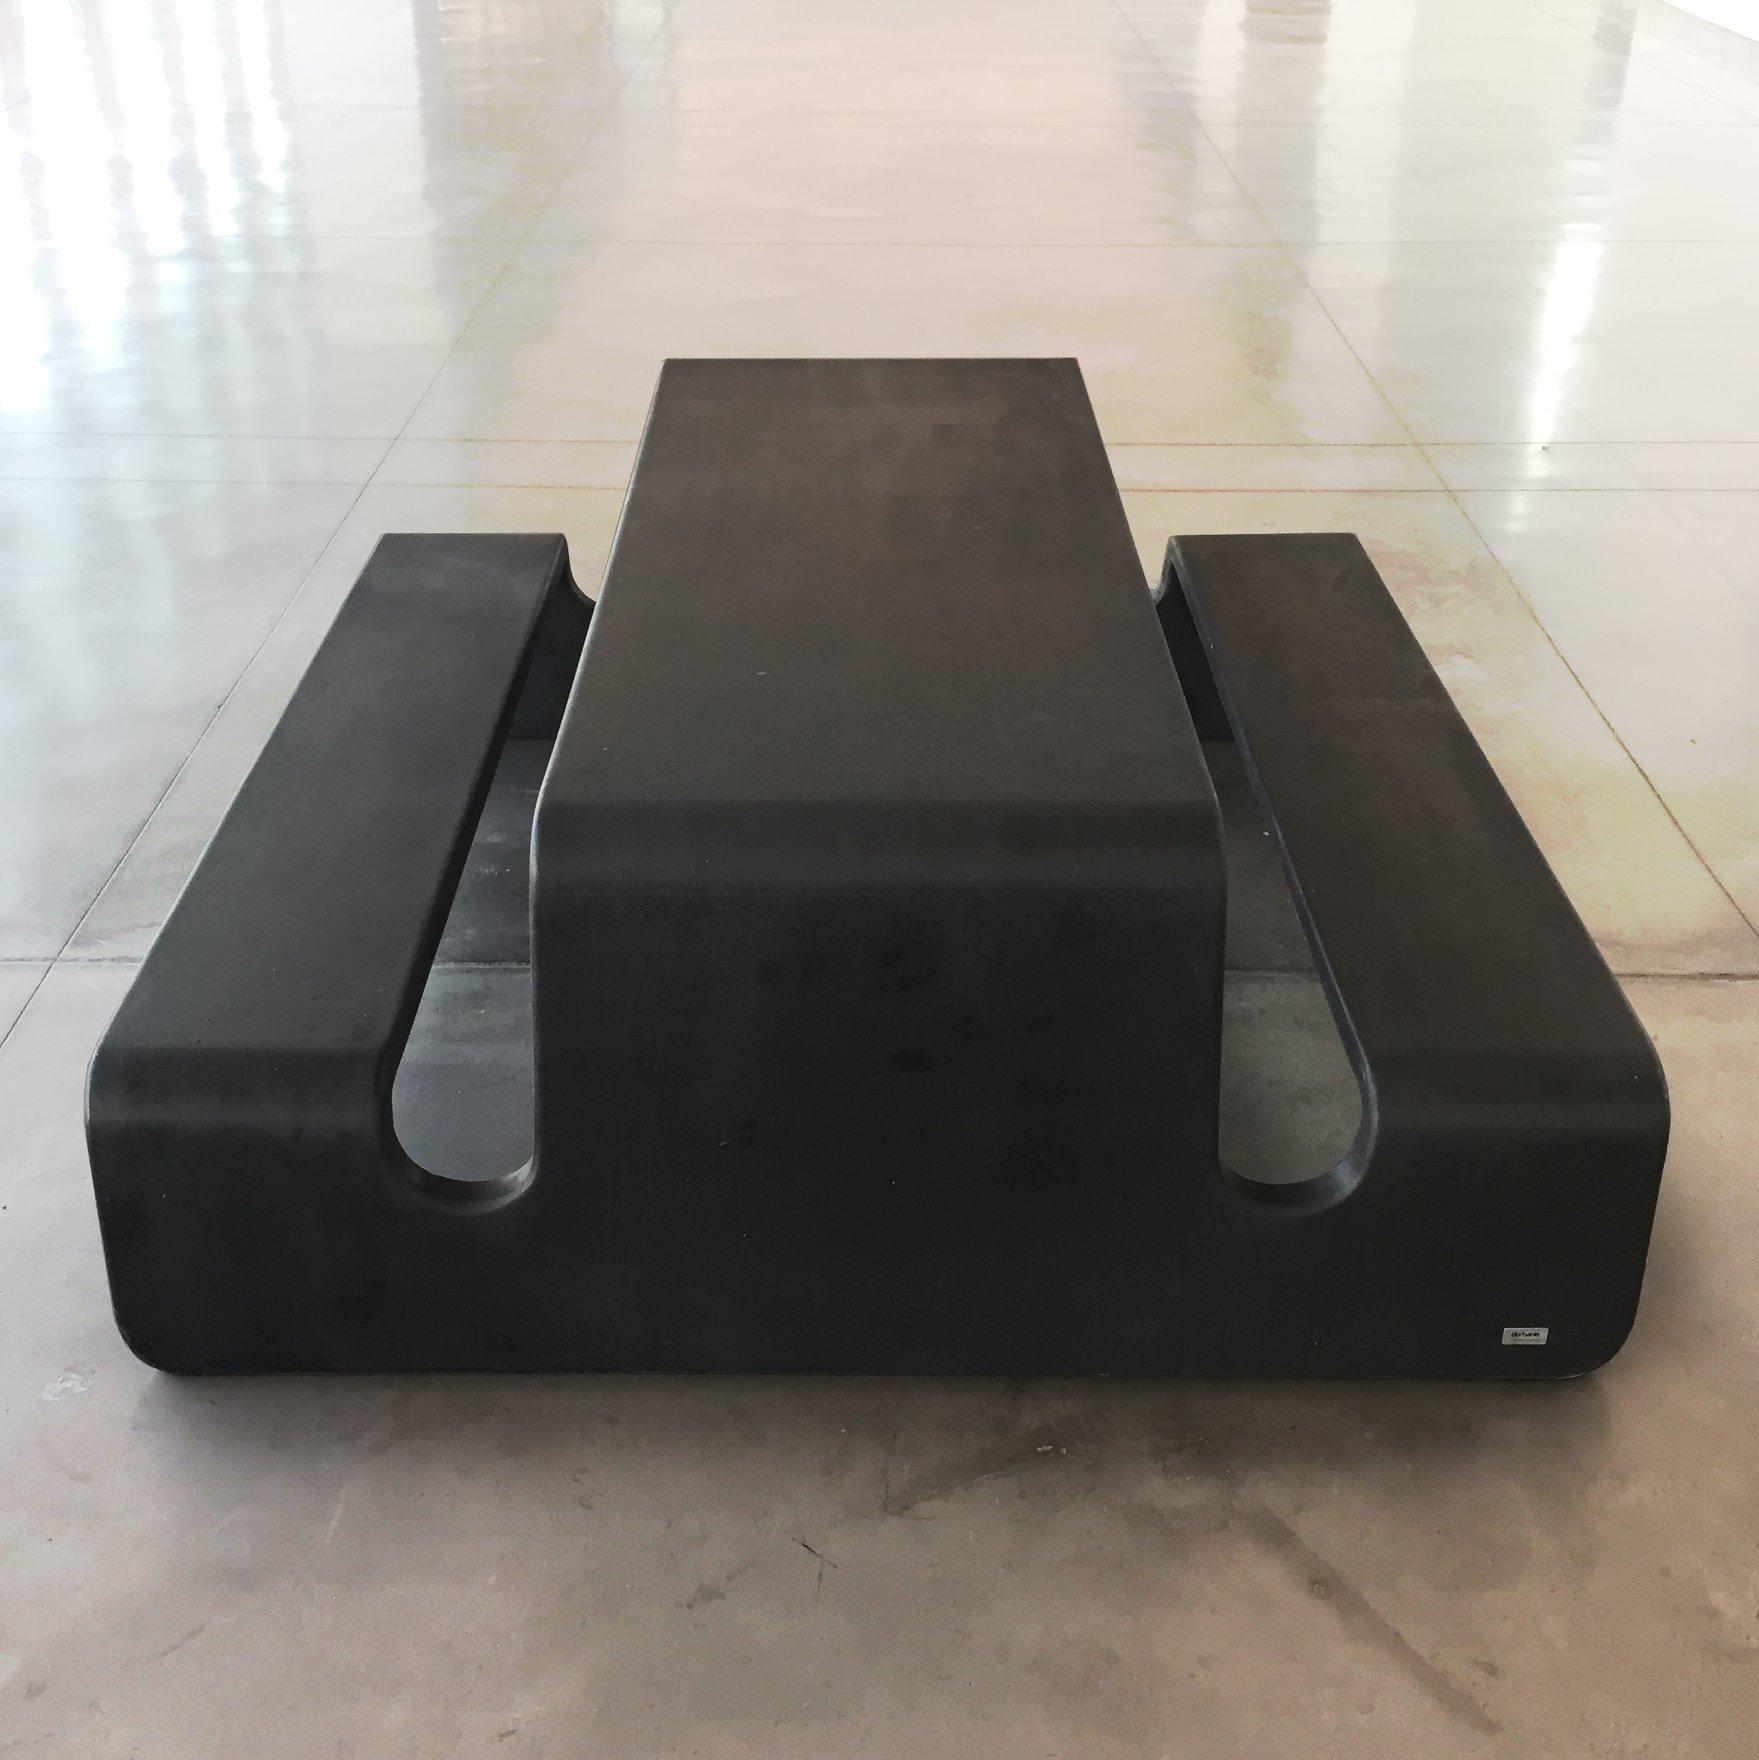 Tour picknicktafel is ideaal meubilair voor bedrijven